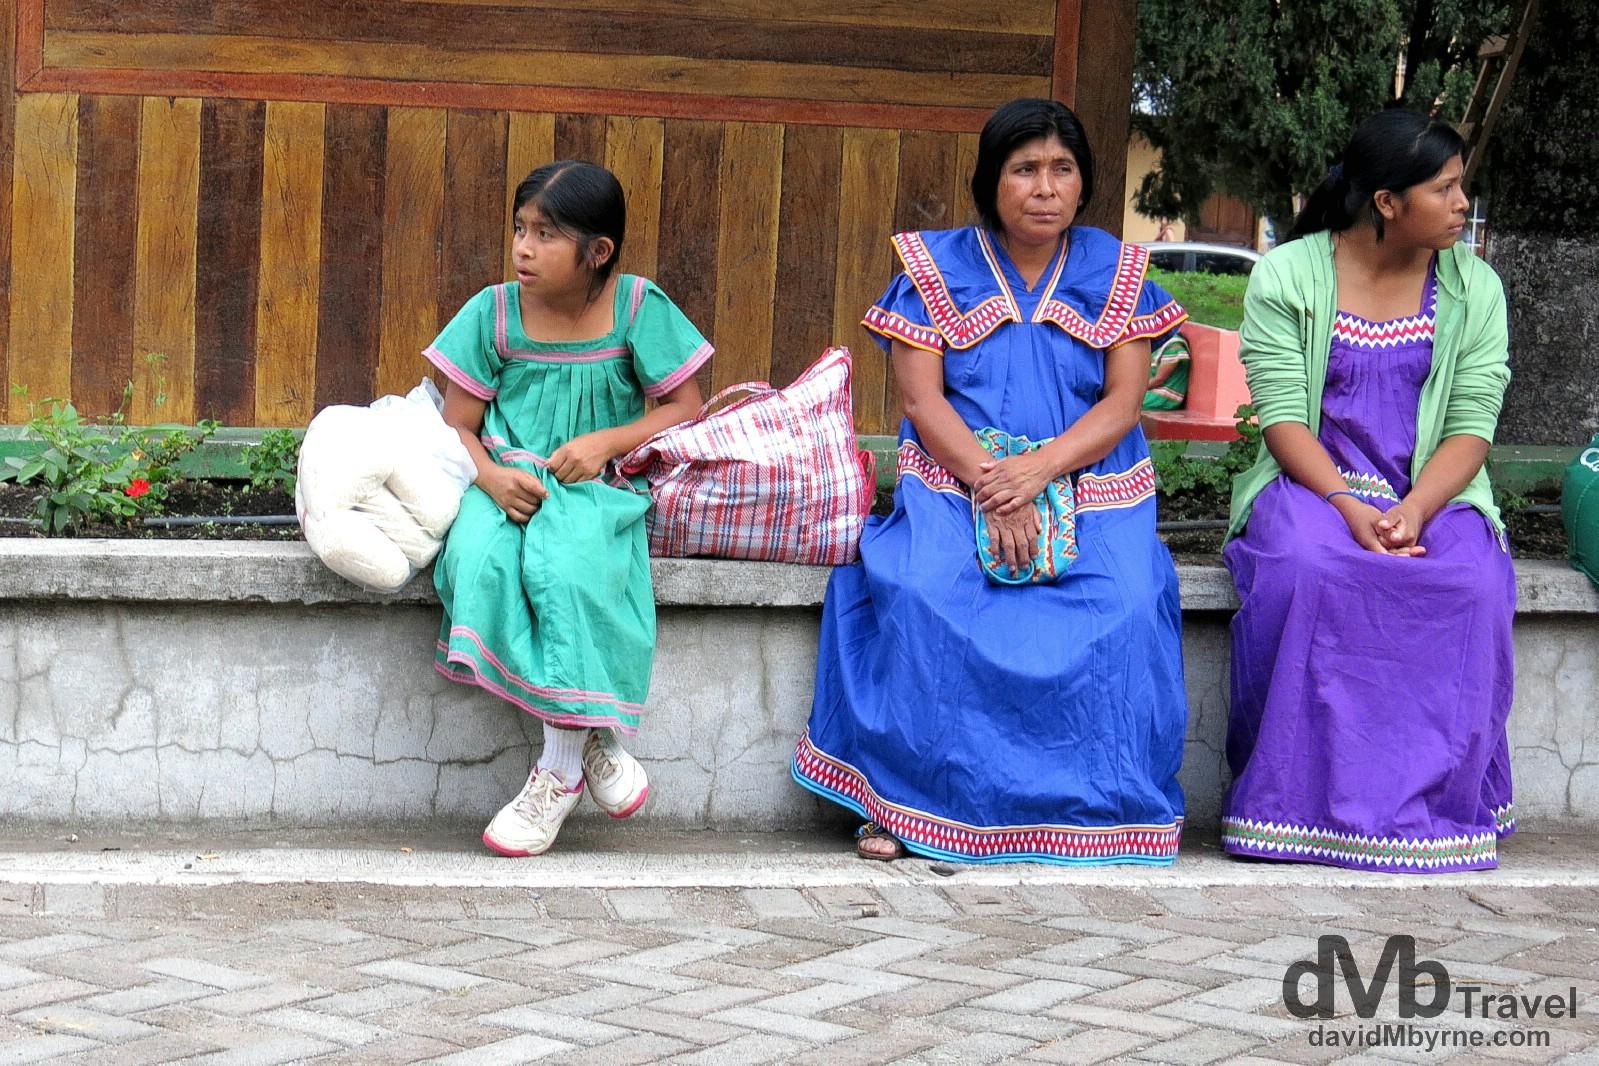 Boquete, Panama, Central America